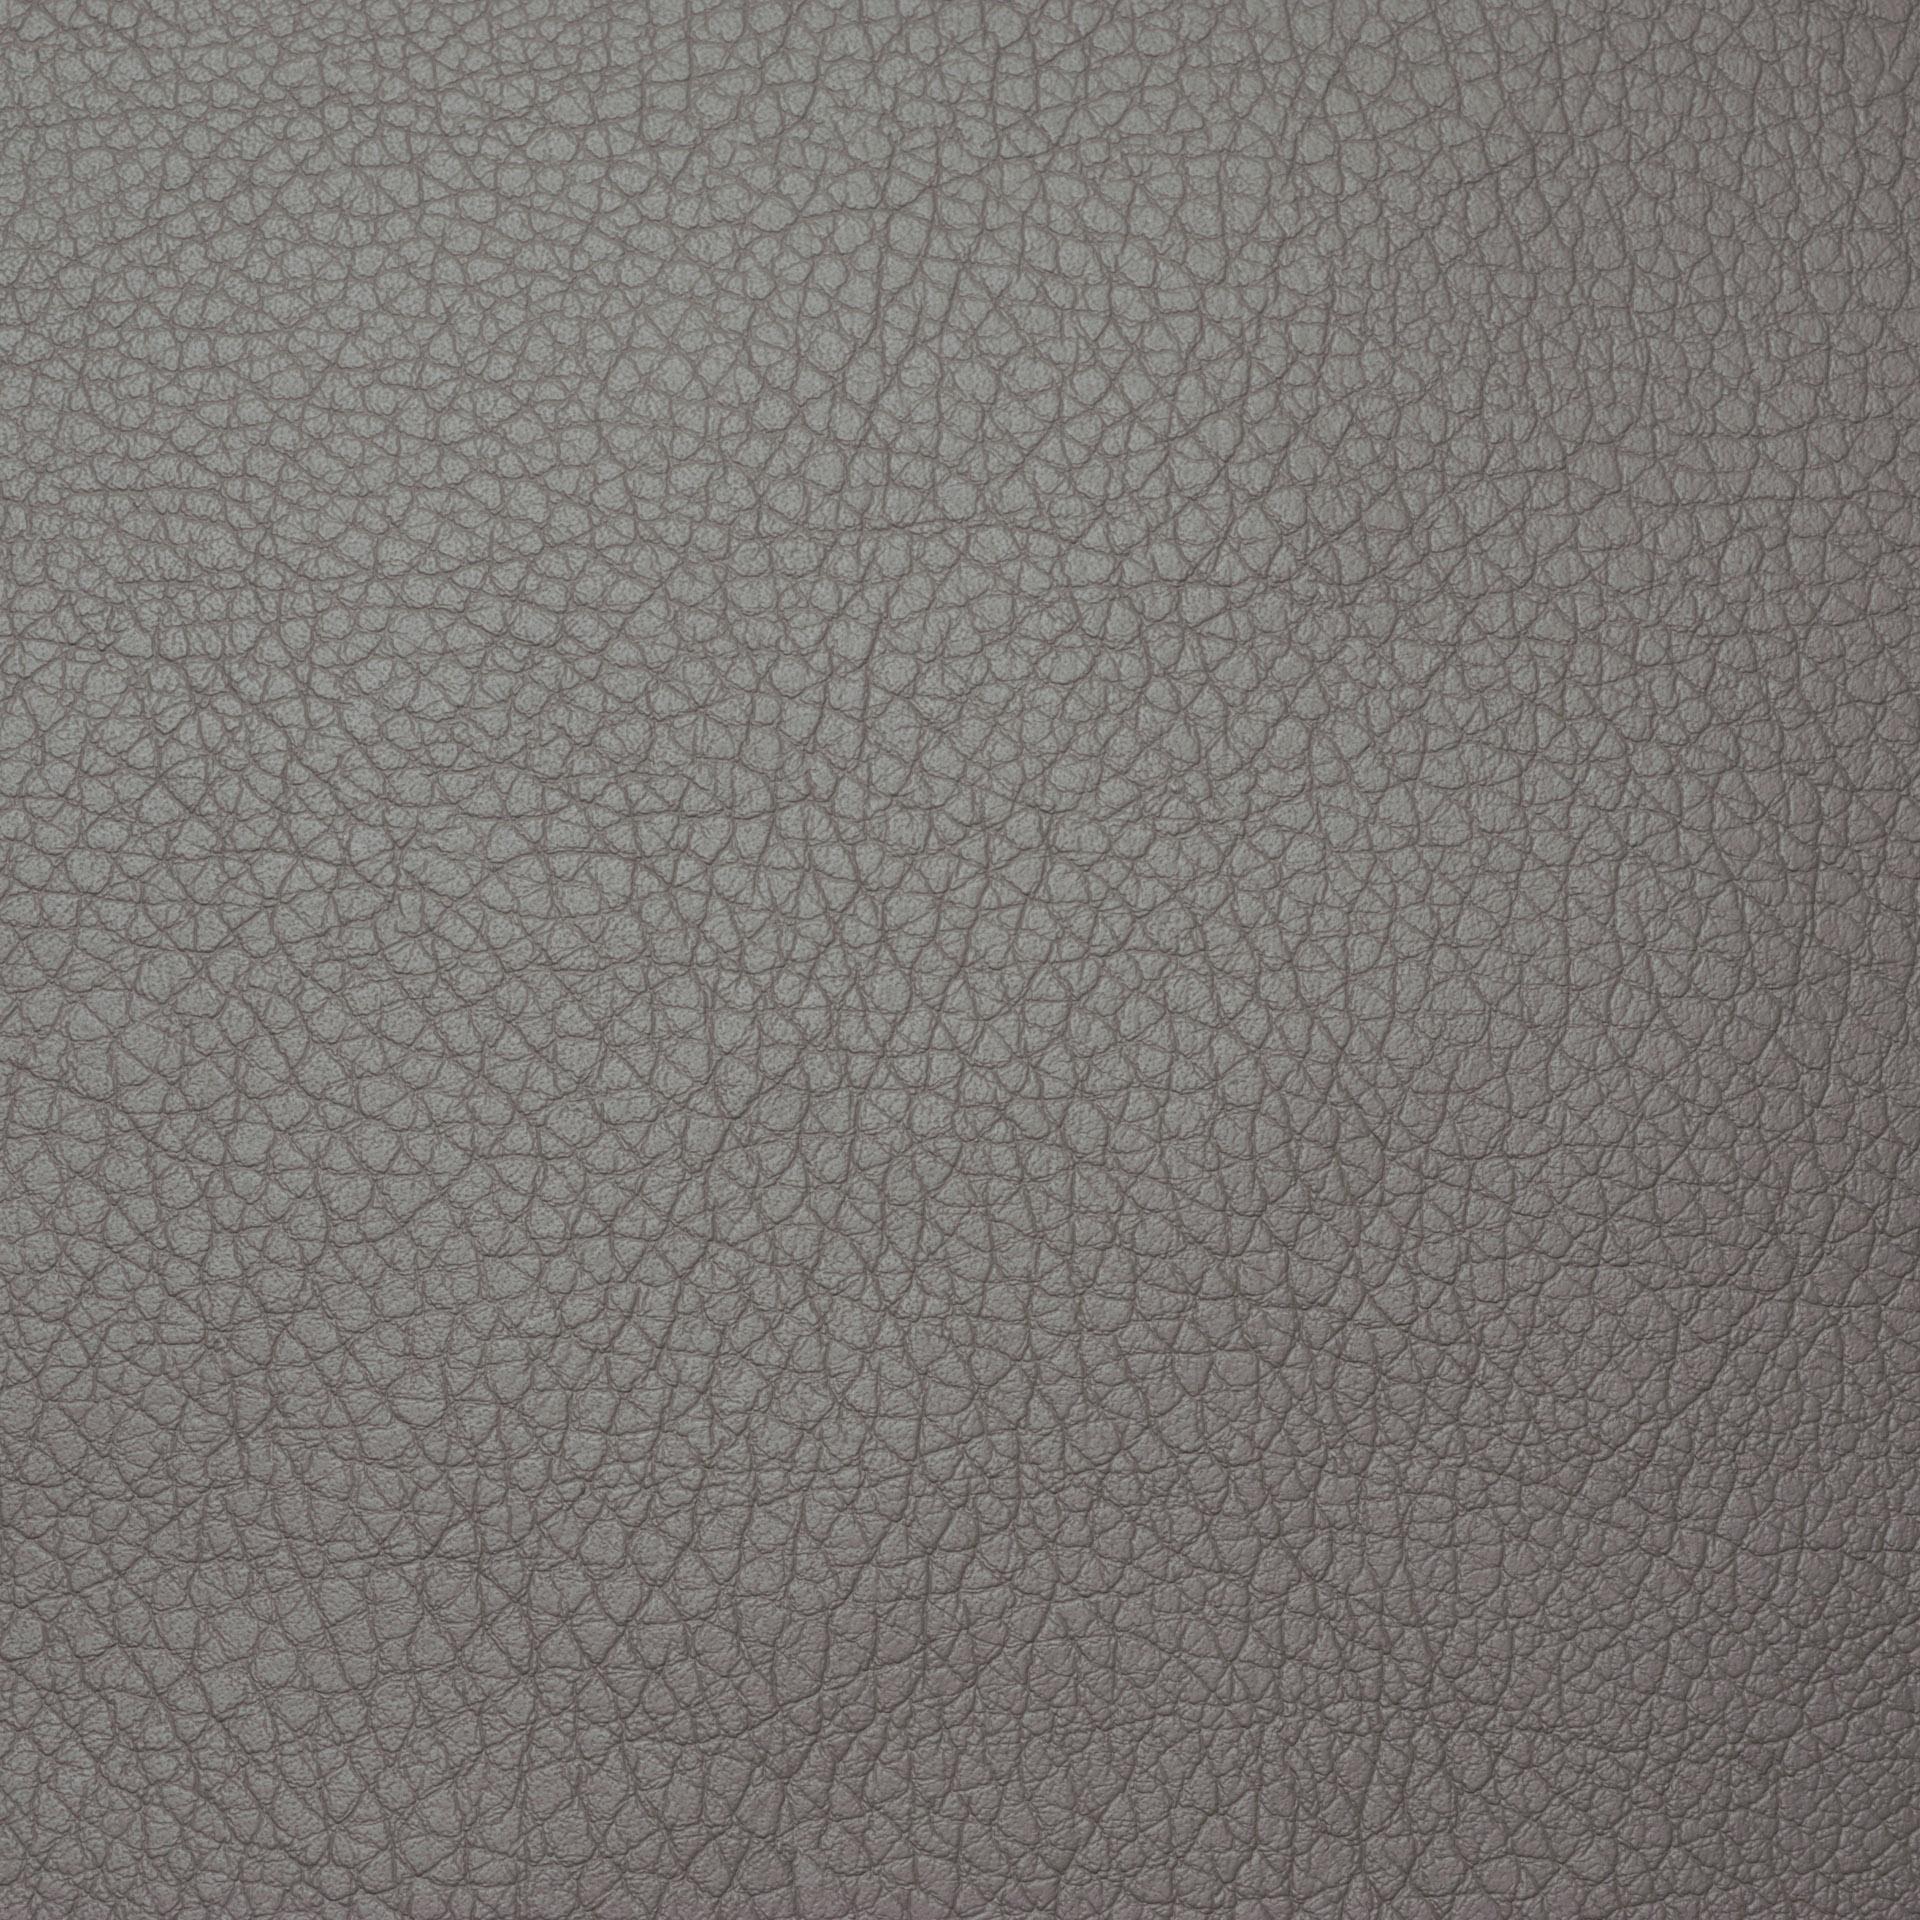 Коллекция ткани Софитель 05 Out Taupe,  купить ткань Кож зам для мебели Украина